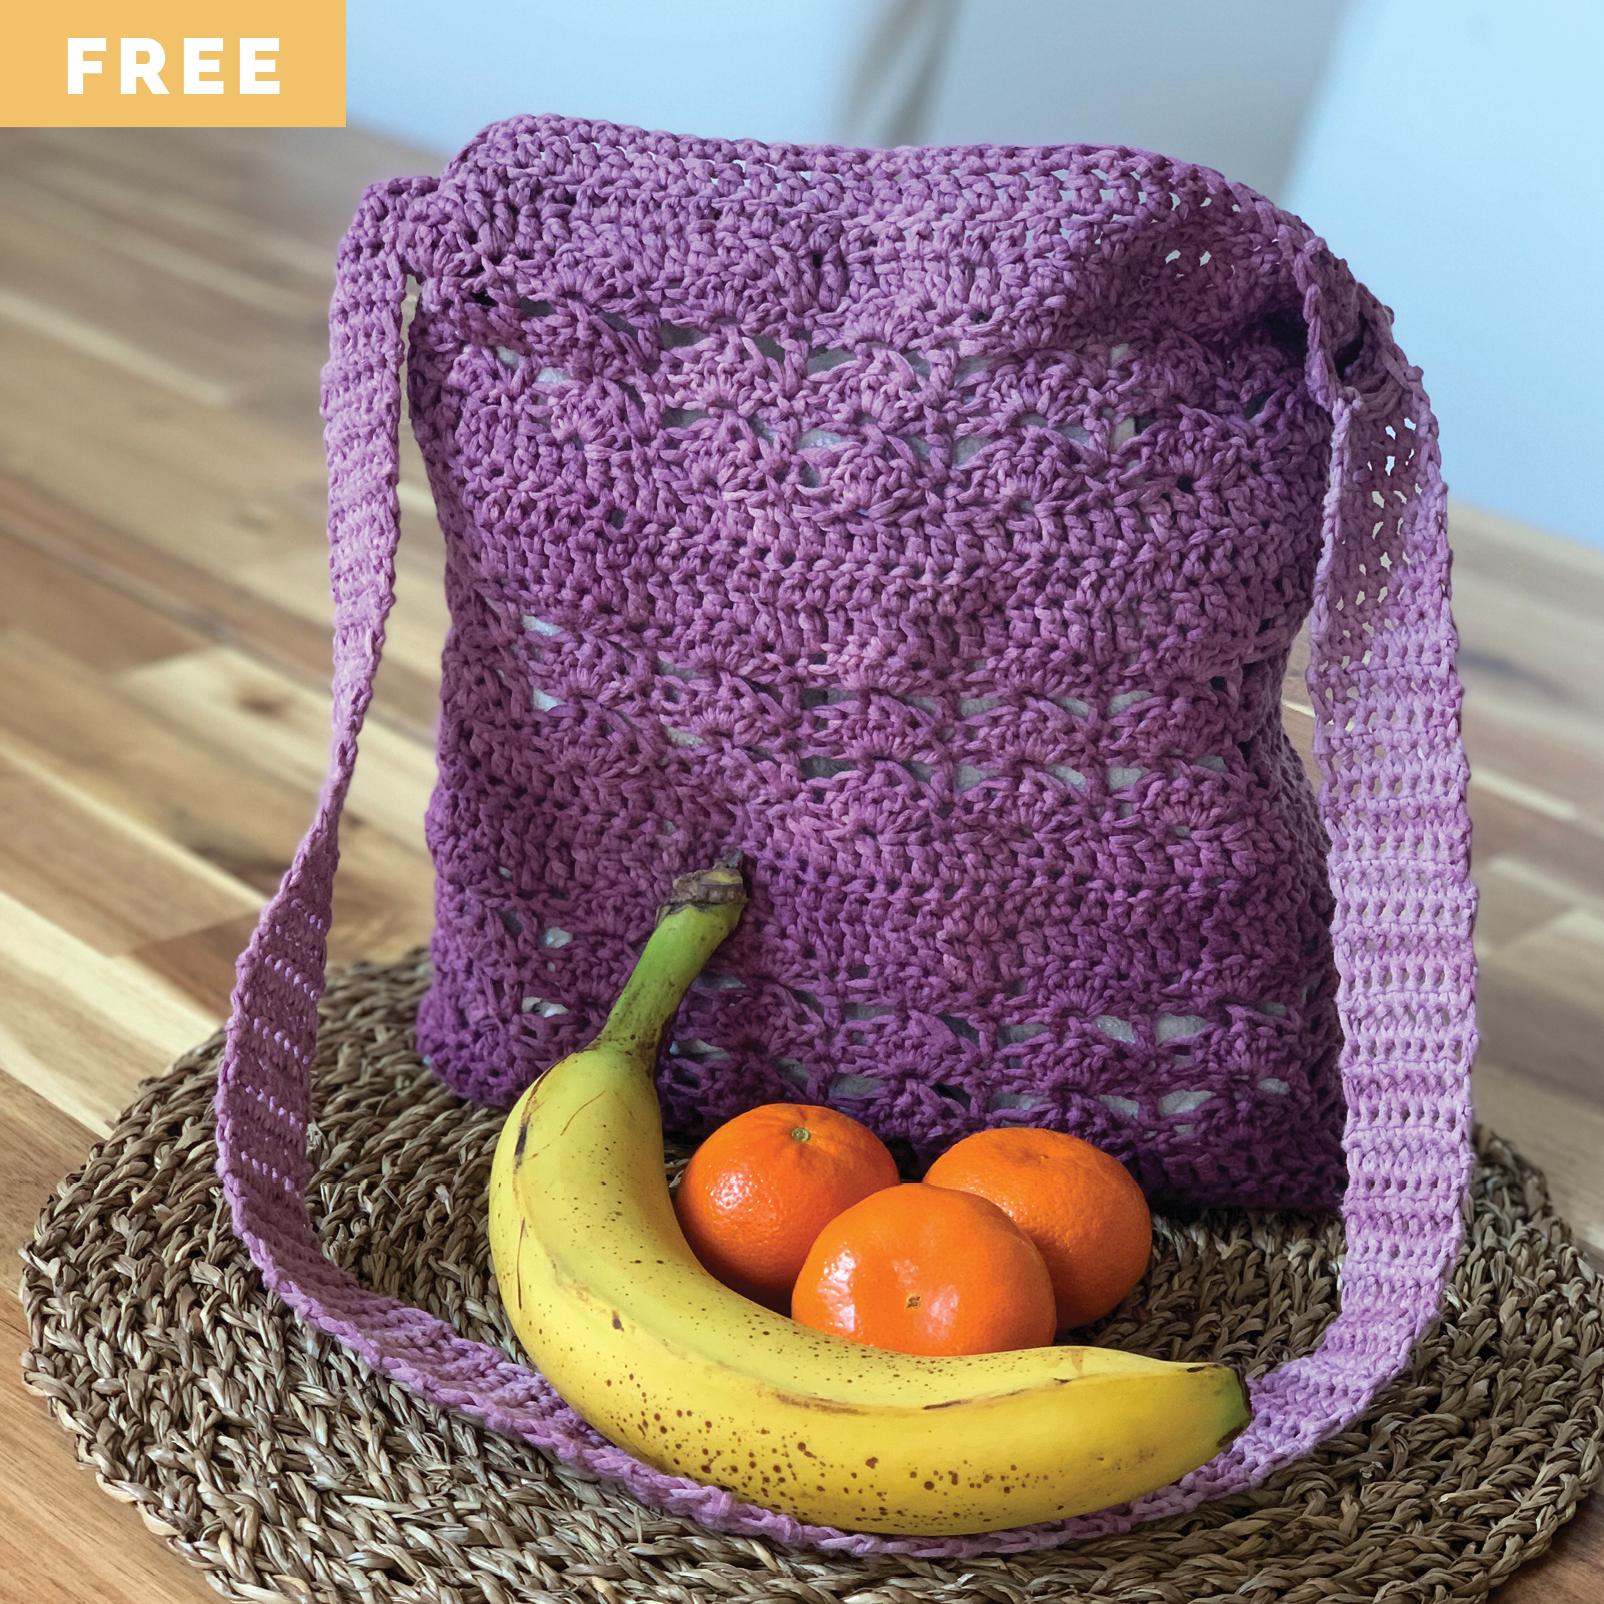 Free Crochet Pattern - MArket Bag